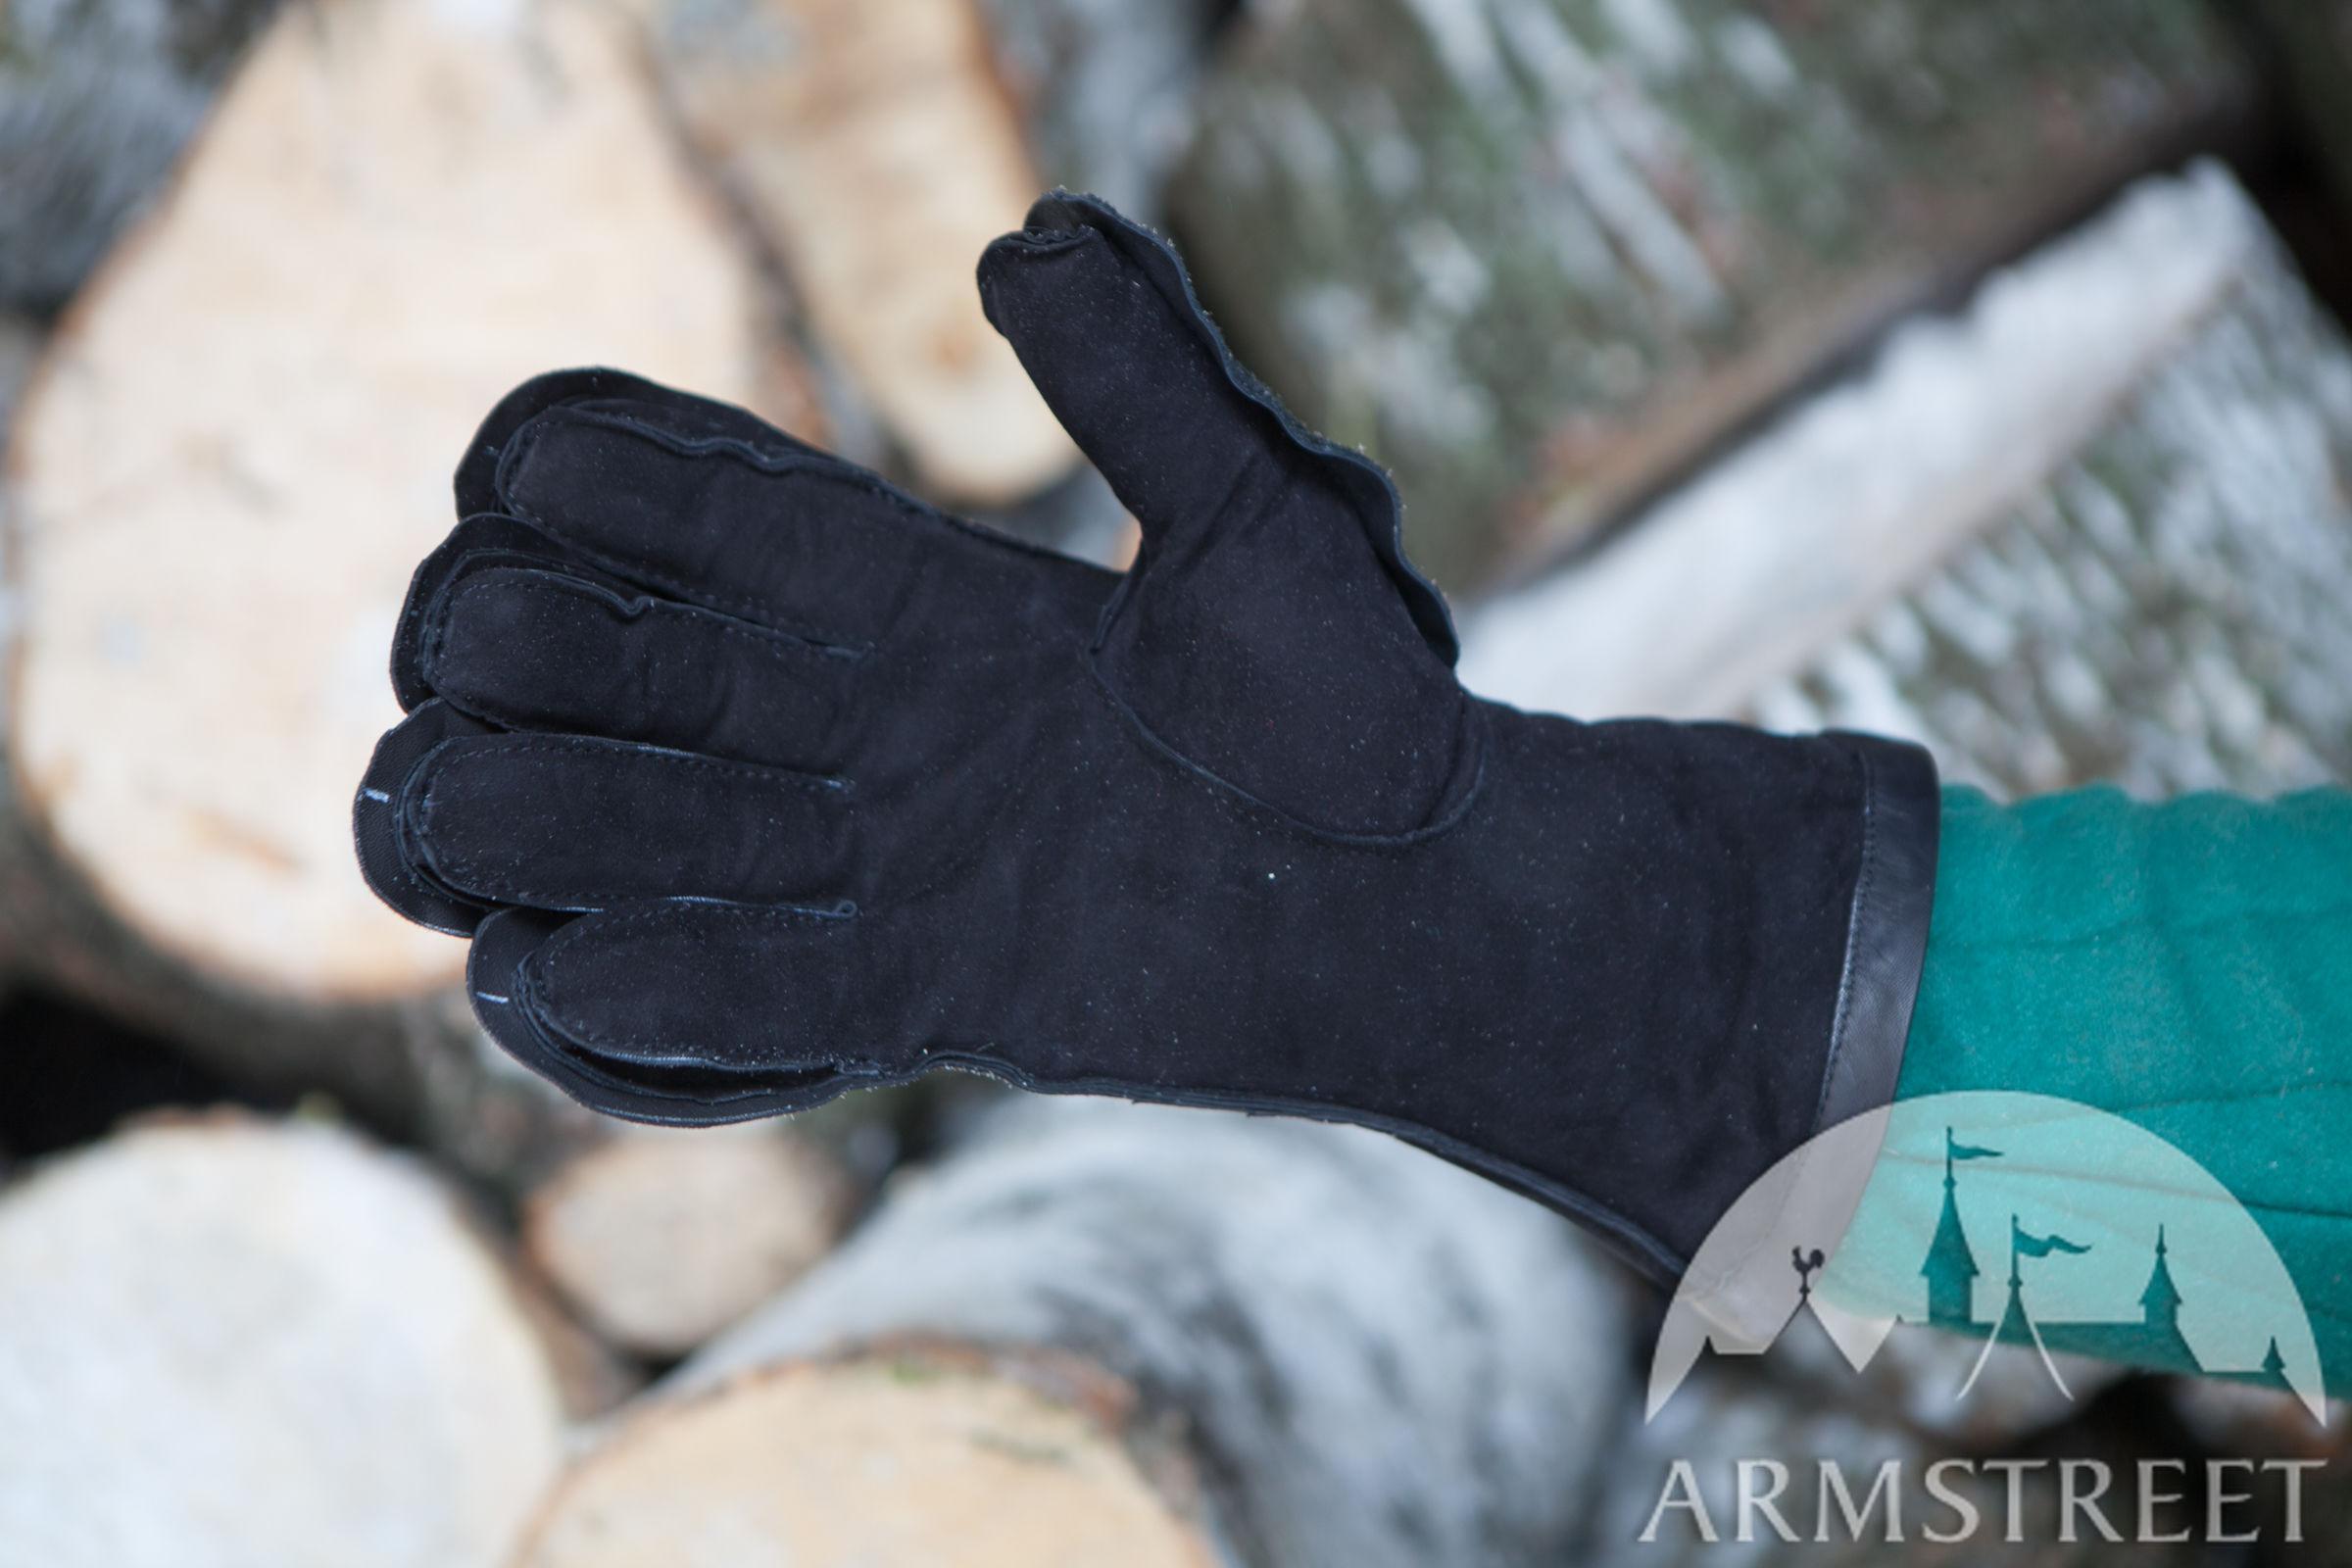 Gepolsterte innere Handschuhe . Vorhanden in: rötlich braunes leder ...